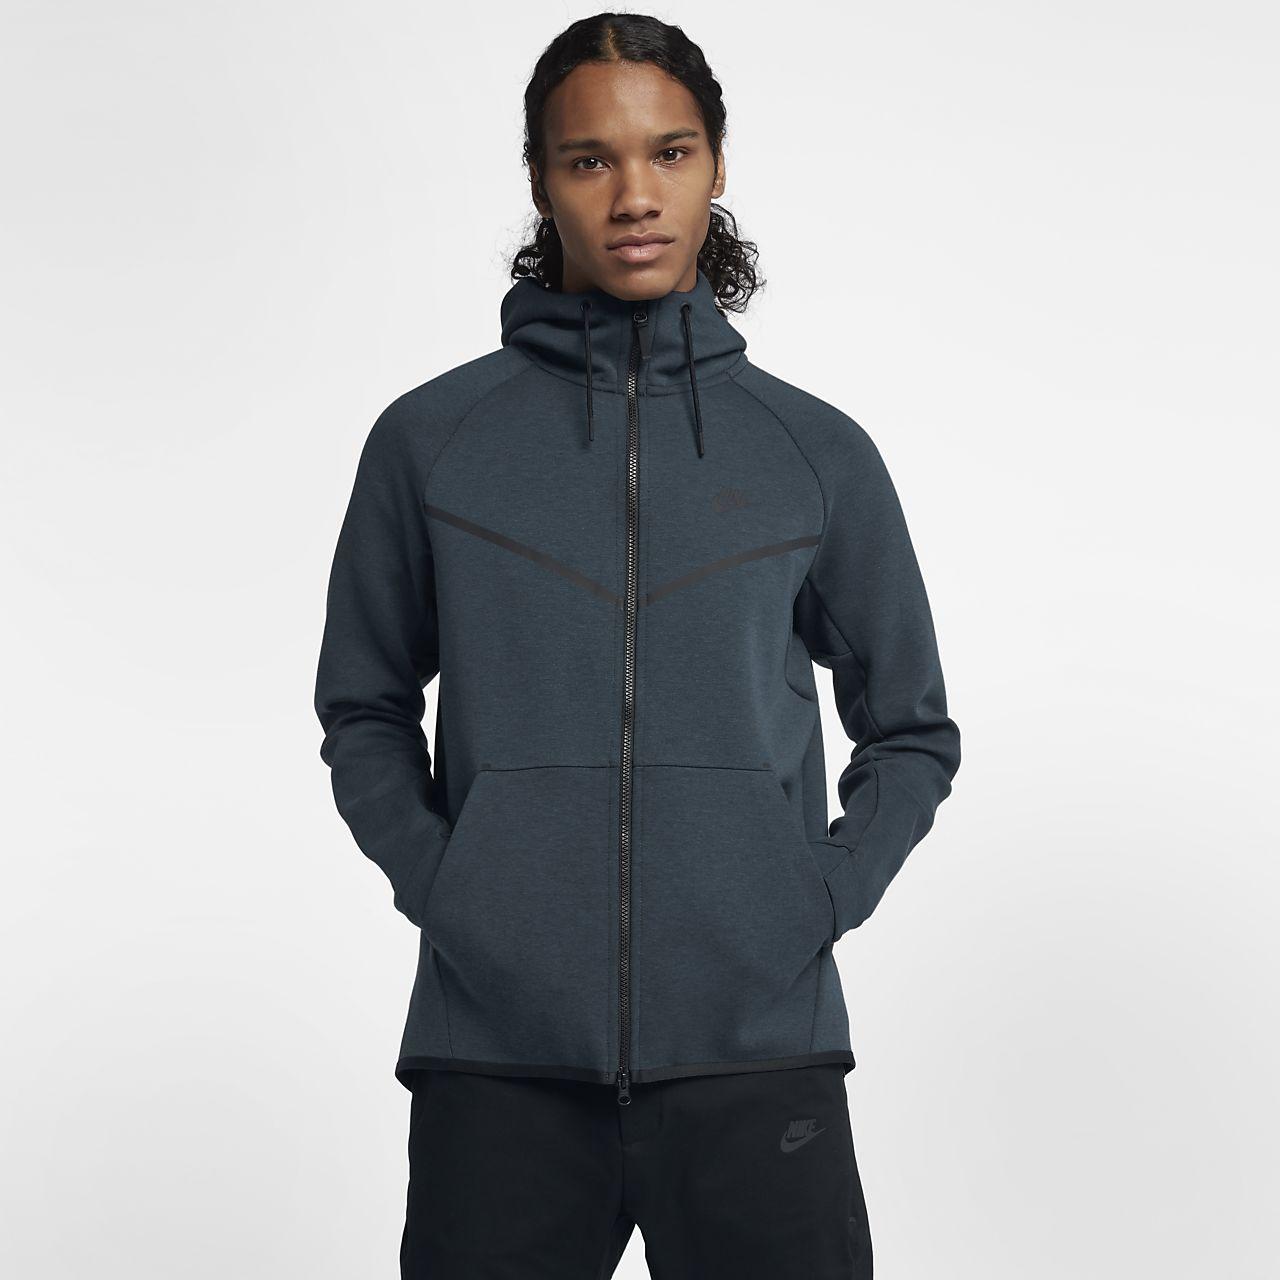 picked up latest classic fit Nike Sportswear Tech Fleece Windrunner Men's Hoodie